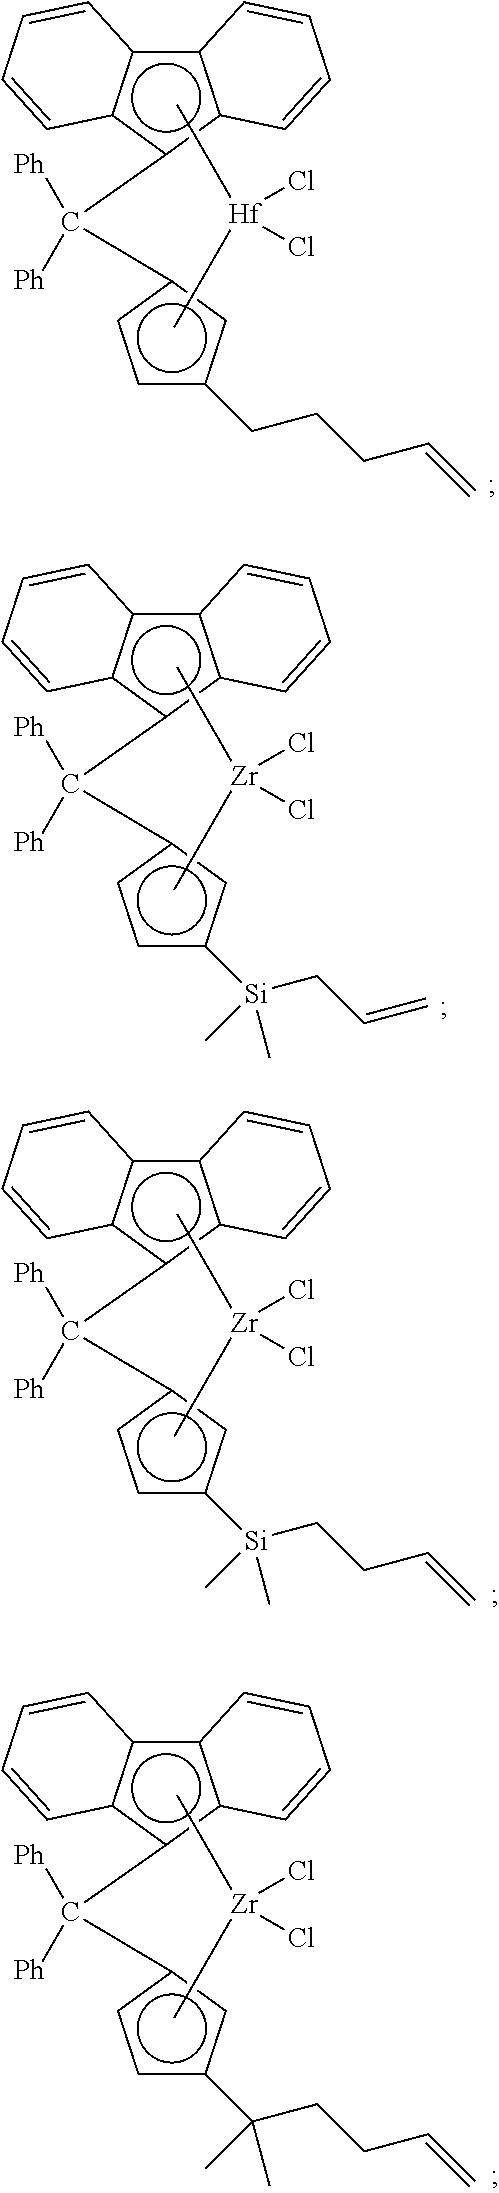 Figure US09273159-20160301-C00017